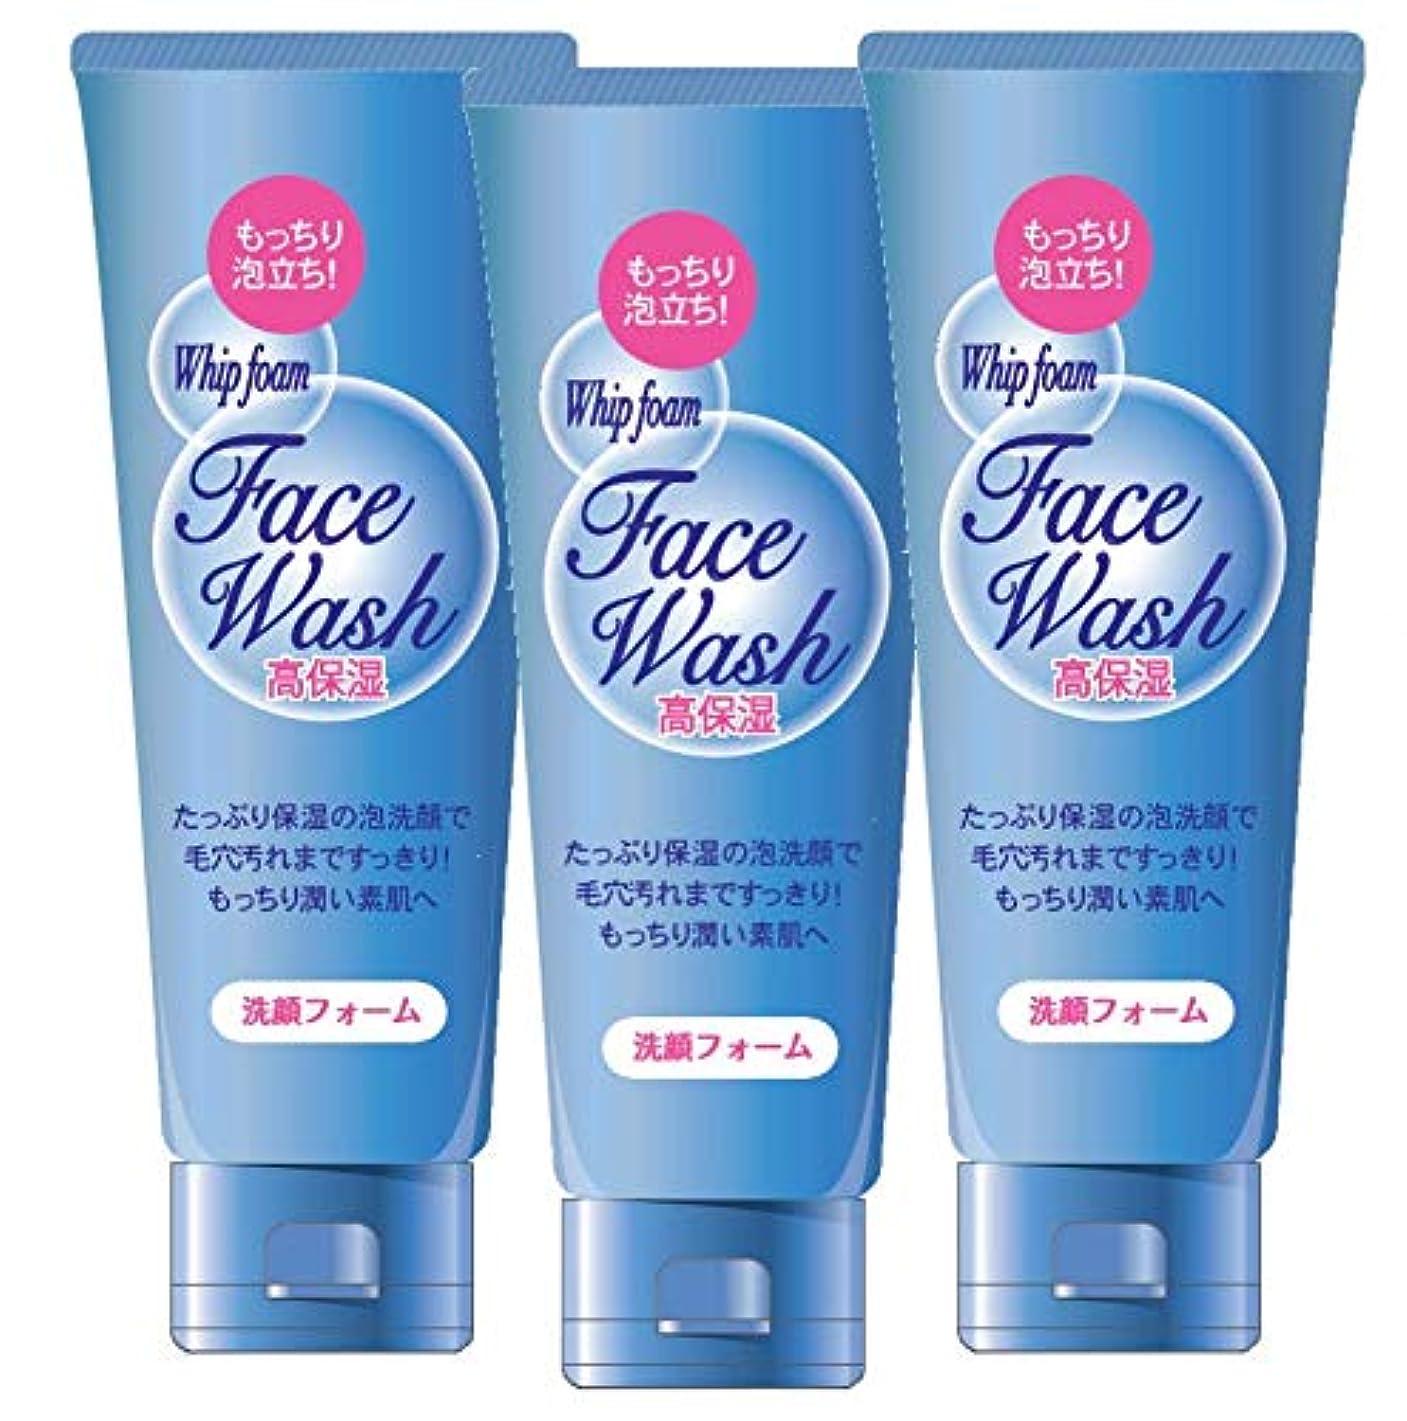 飛び込む確認する肌たっぷり泡洗顔フォーム150g (150g*3本)